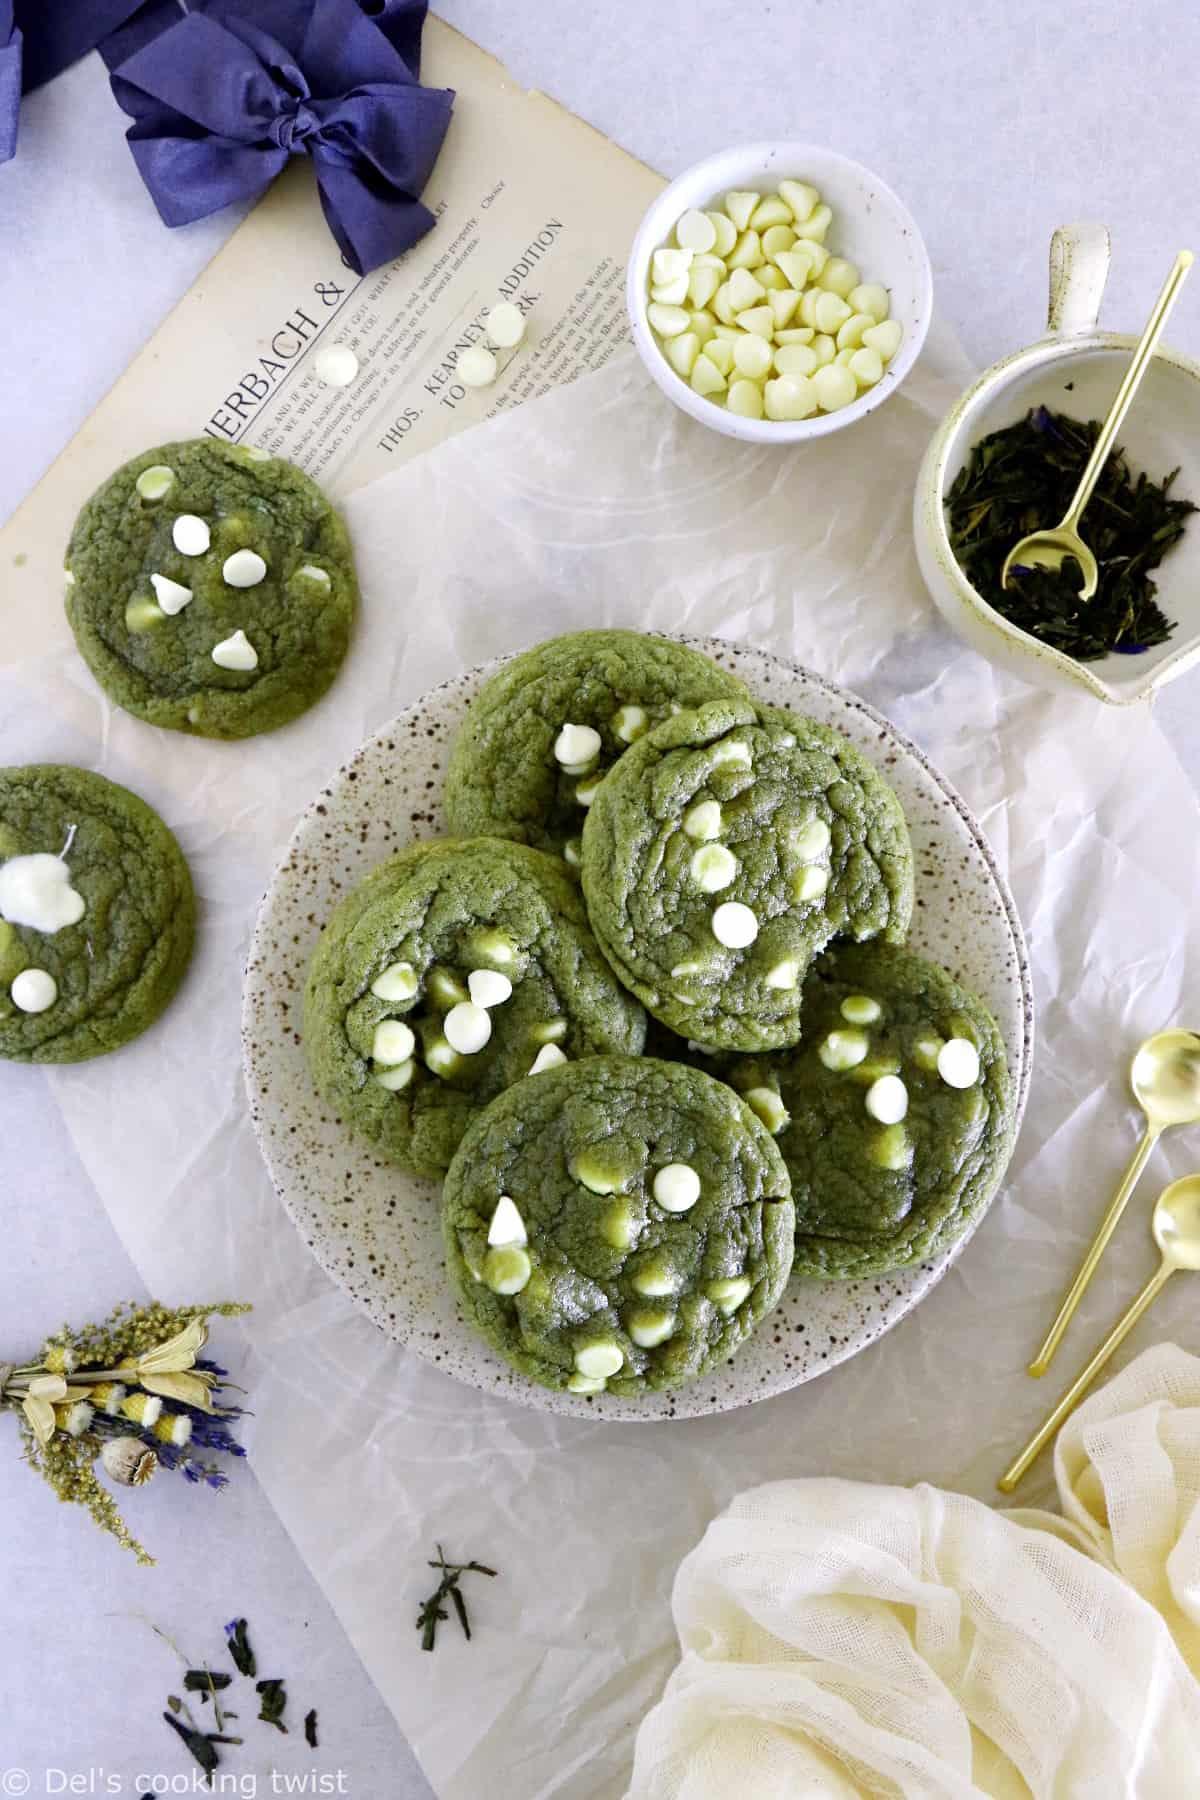 Retrouvez dans ces cookies au thé matcha et pépites de chocolat blanc l'association unique entre l'amertume du thé vert japonais et la douceur du chocolat blanc.